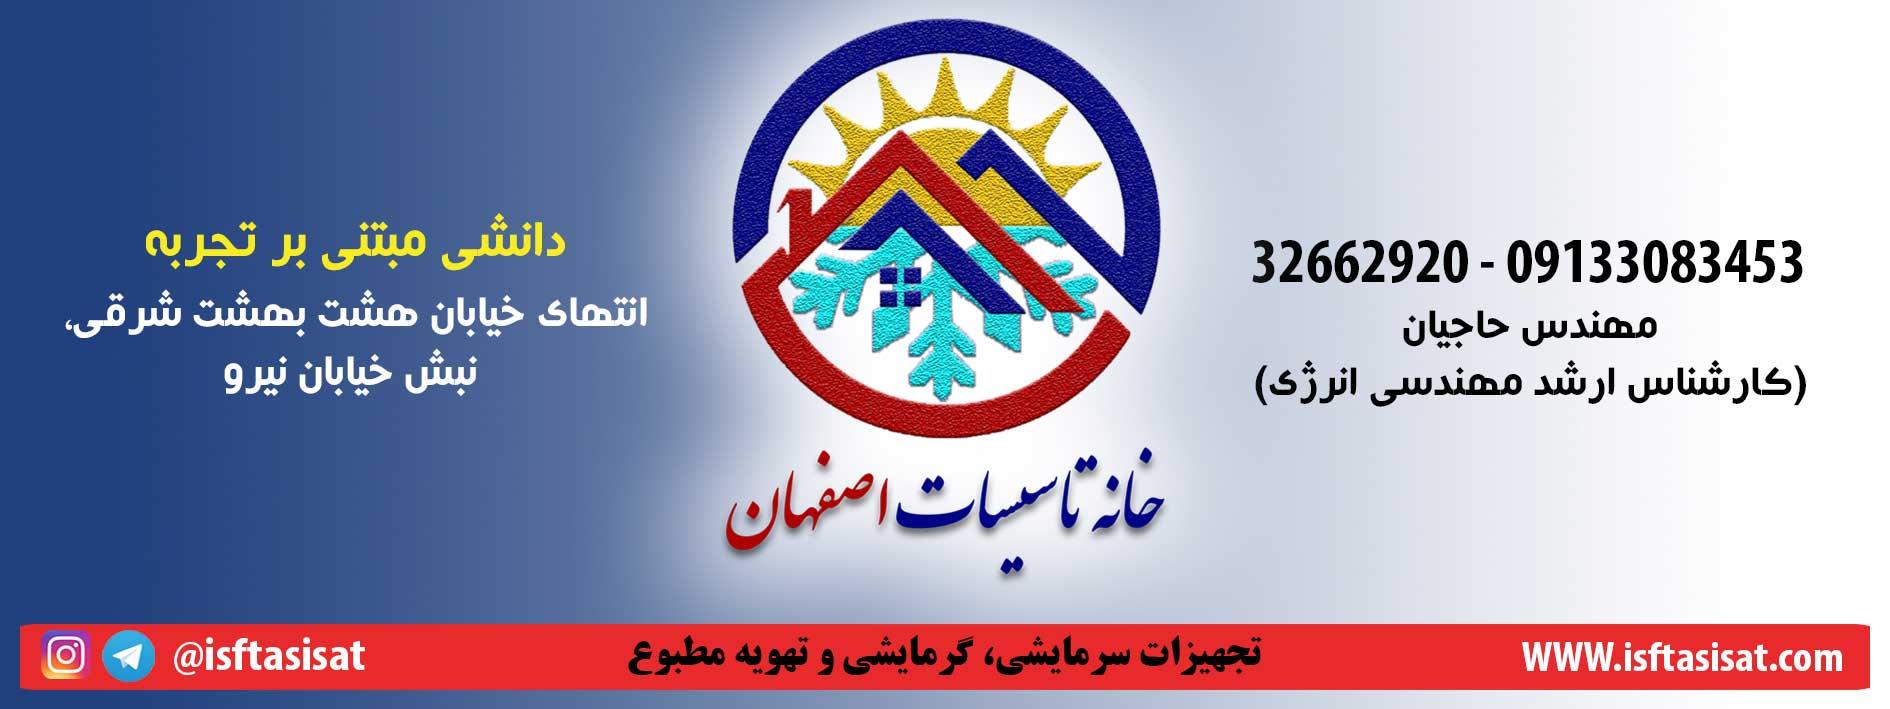 کولرآبی در اصفهان | نمایندگی کولرآبی در اصفهان | خانه تاسیسات اصفهان